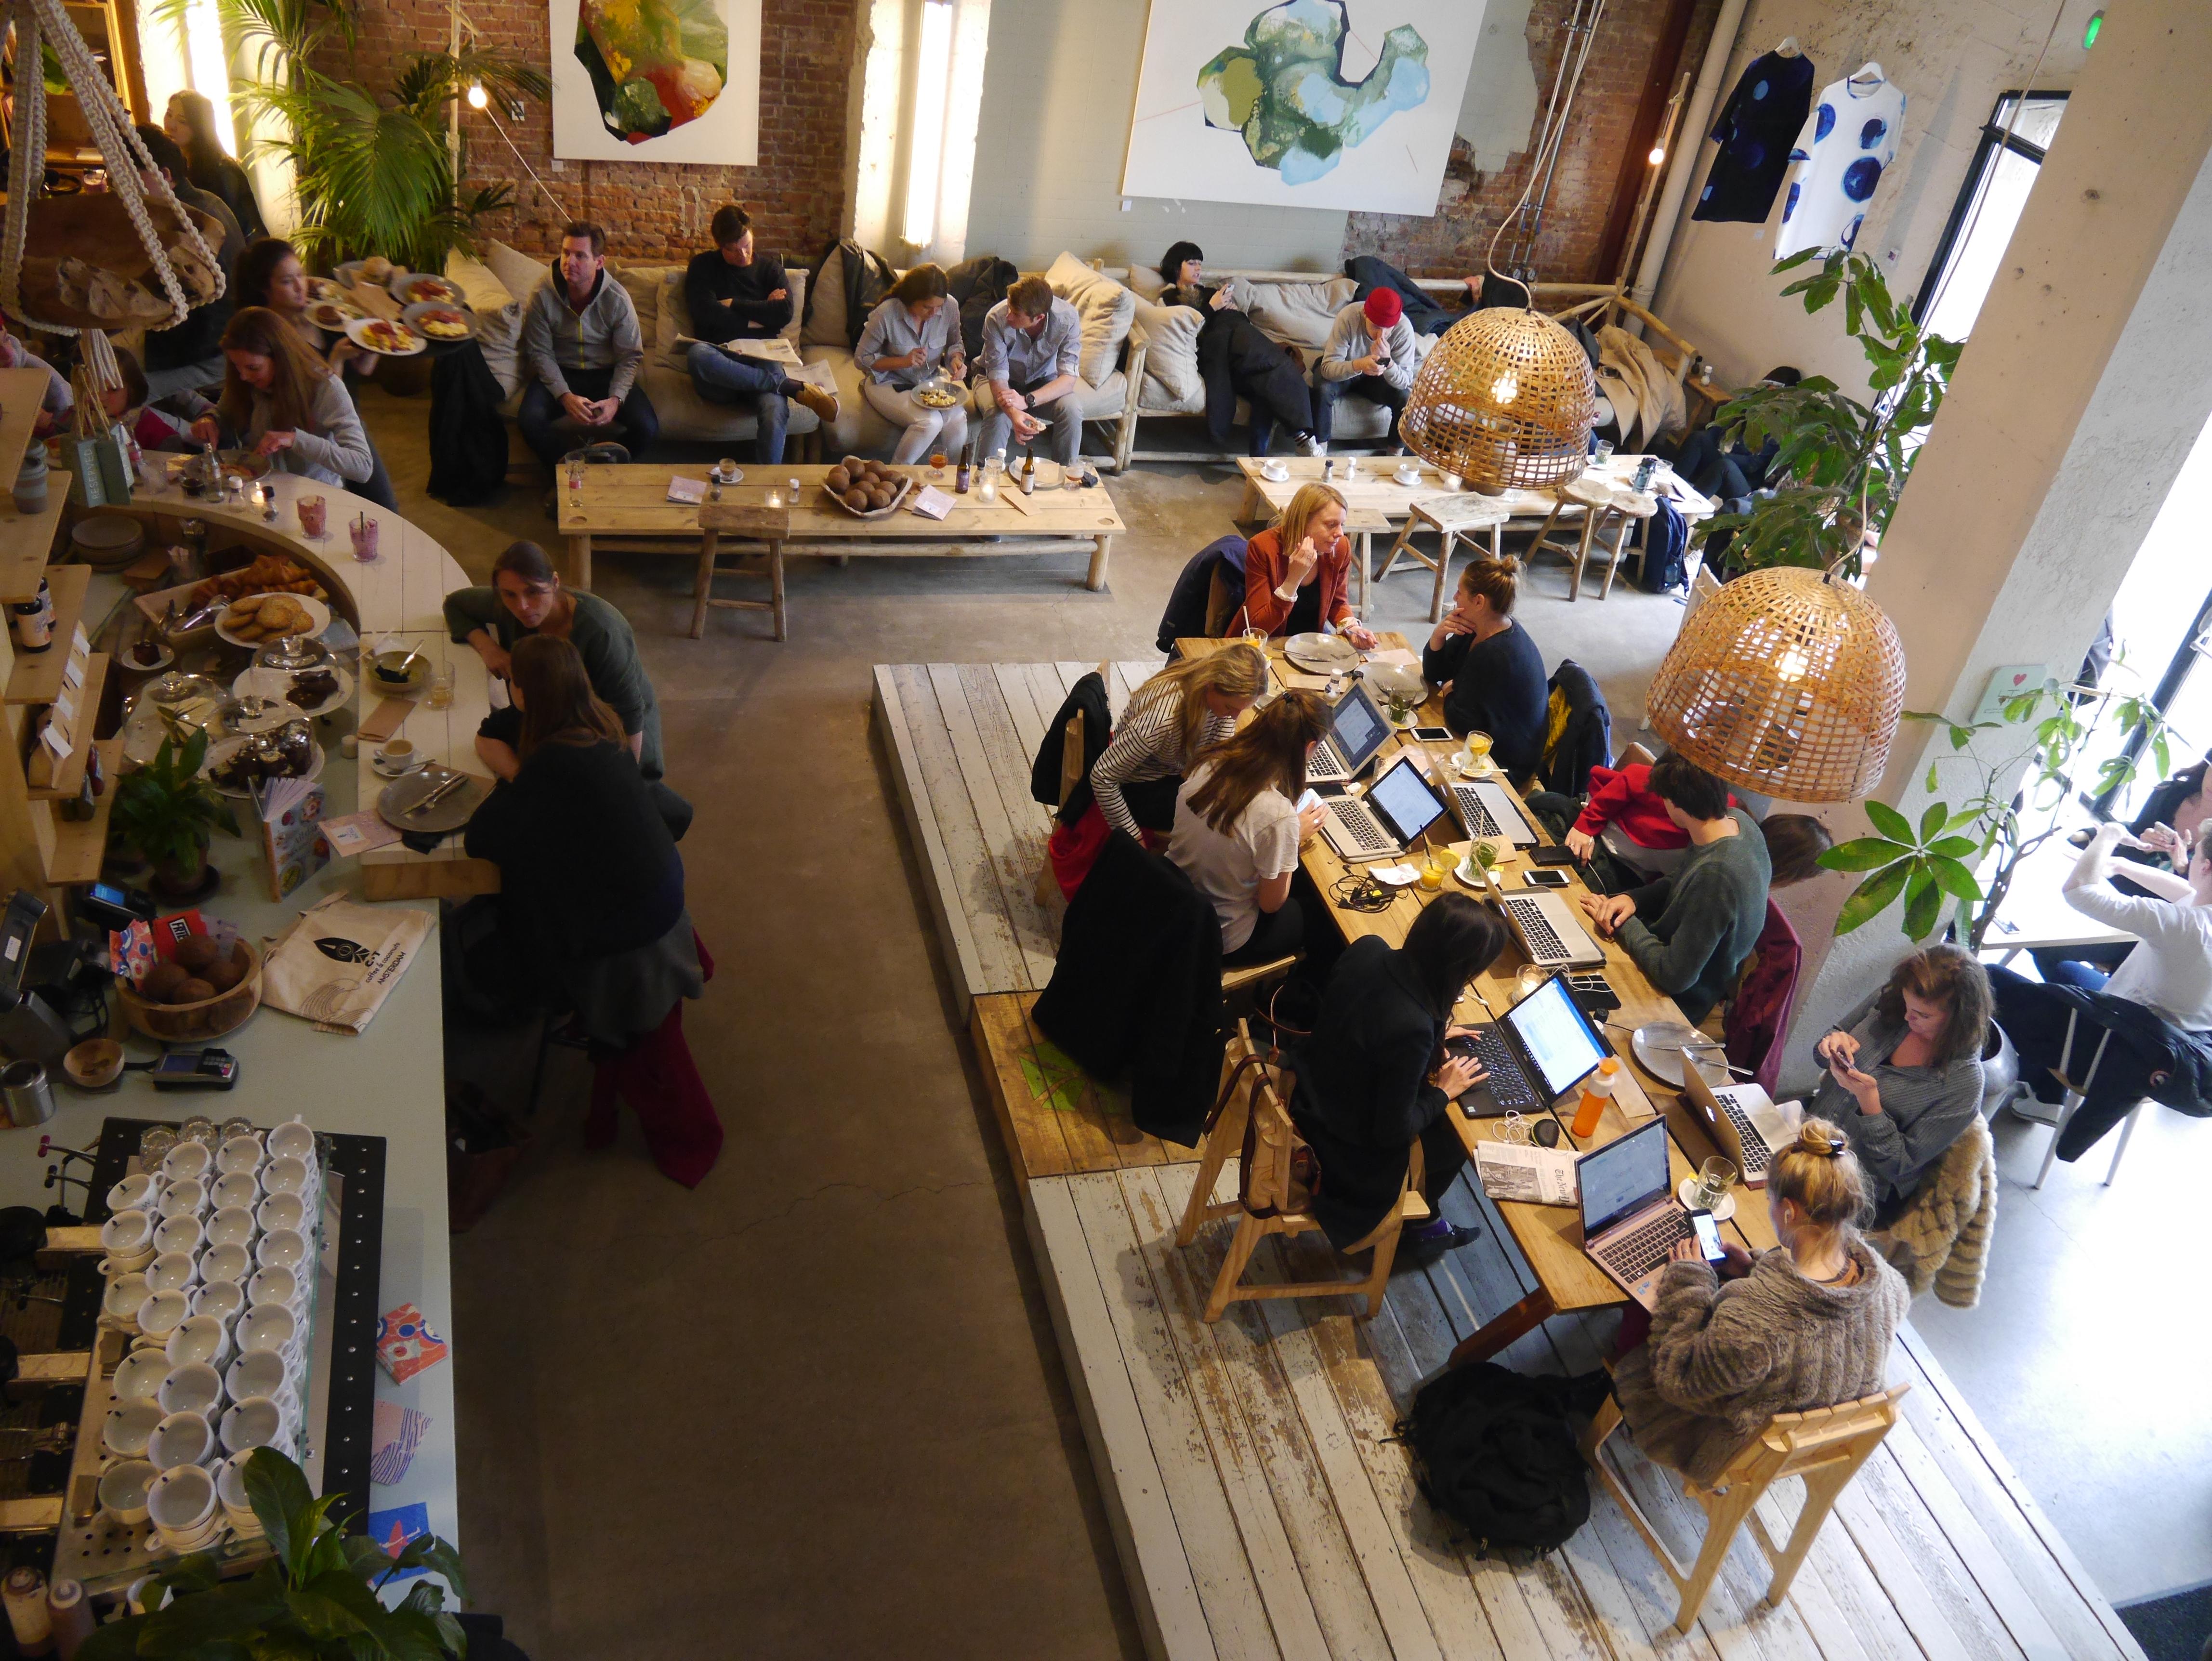 阿姆斯特丹20年代戲院改造的愜意悠閒咖啡店 CT Coffee &Coconut Amsterdam